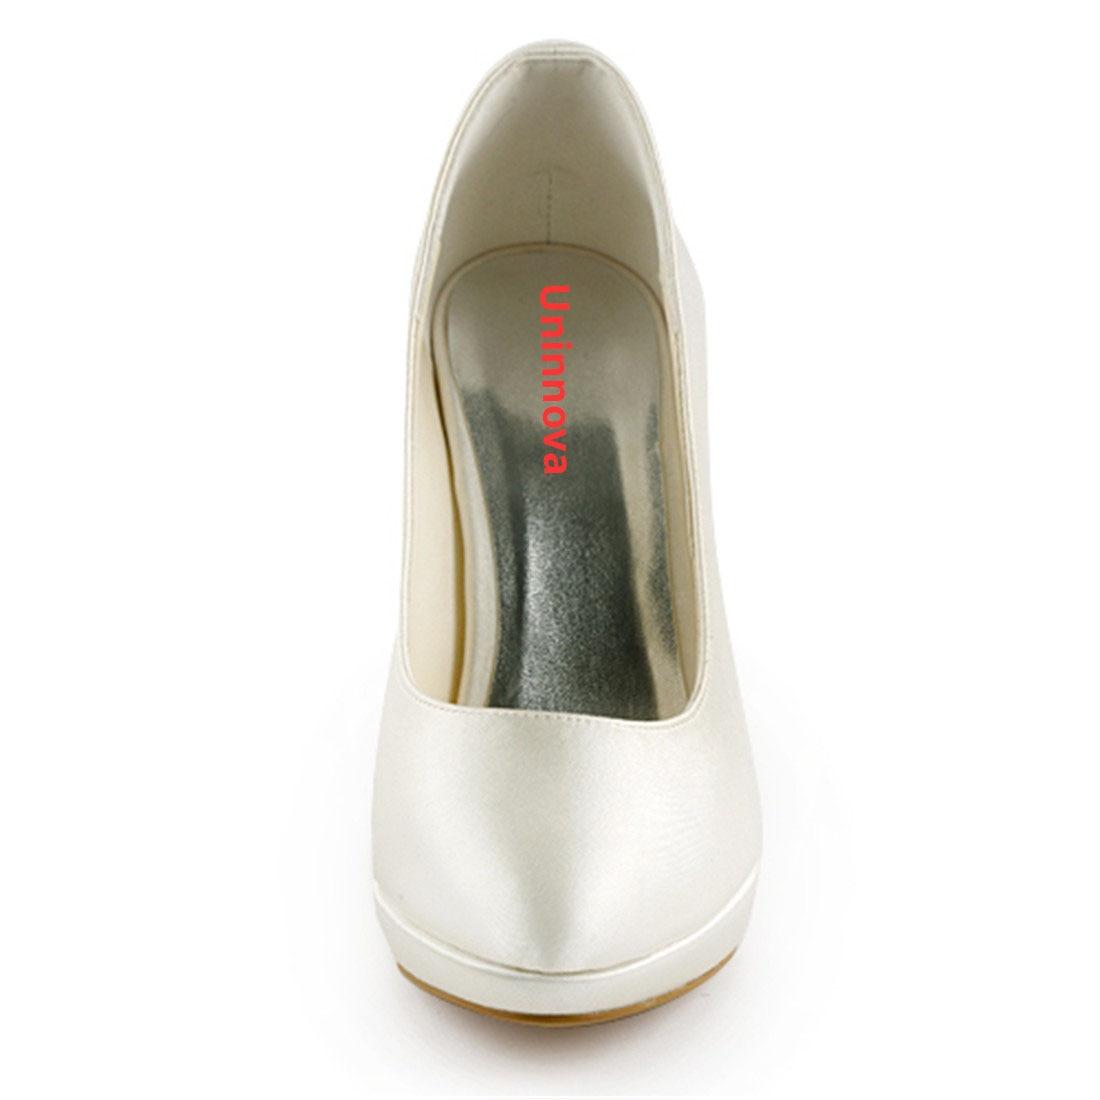 Elegantes Saltos Altos Finos Plataforma Bombas de Noiva de Cetim de Luxo Nupcial Da Dama de Honra Do Marfim Branco Champanhe Sapatos Uninnova 521 1 LY - 3